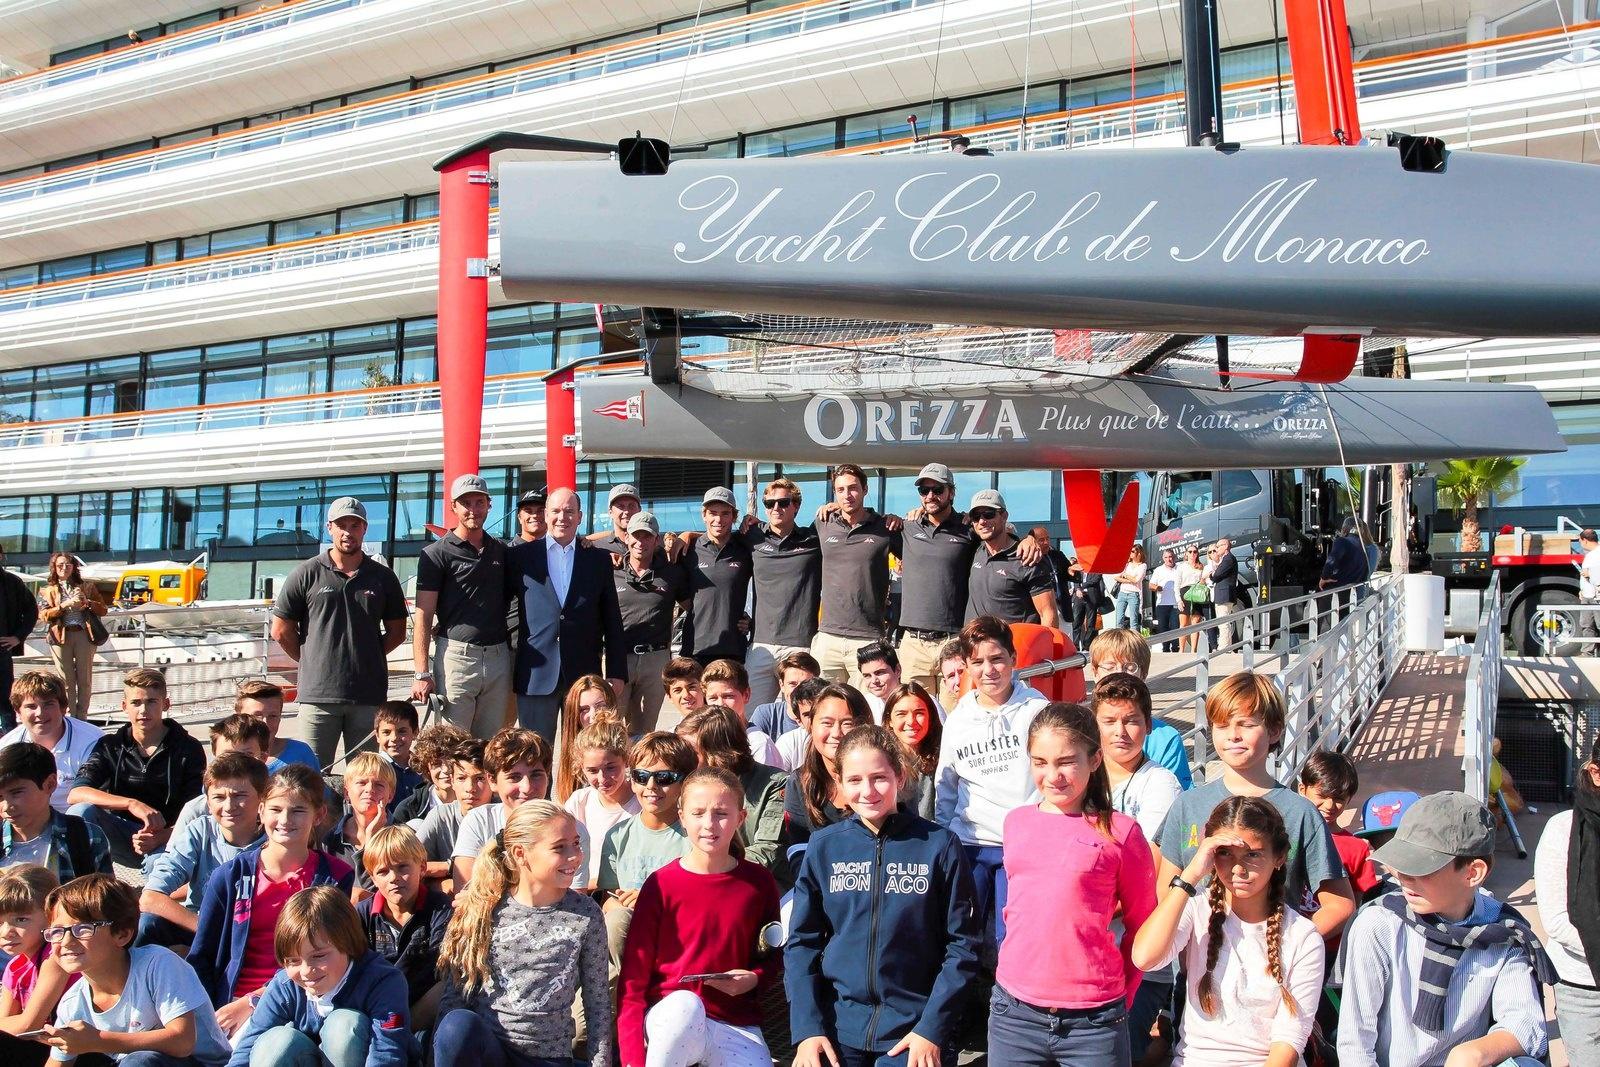 Пьер Казираги в Яхт-клубе Монако